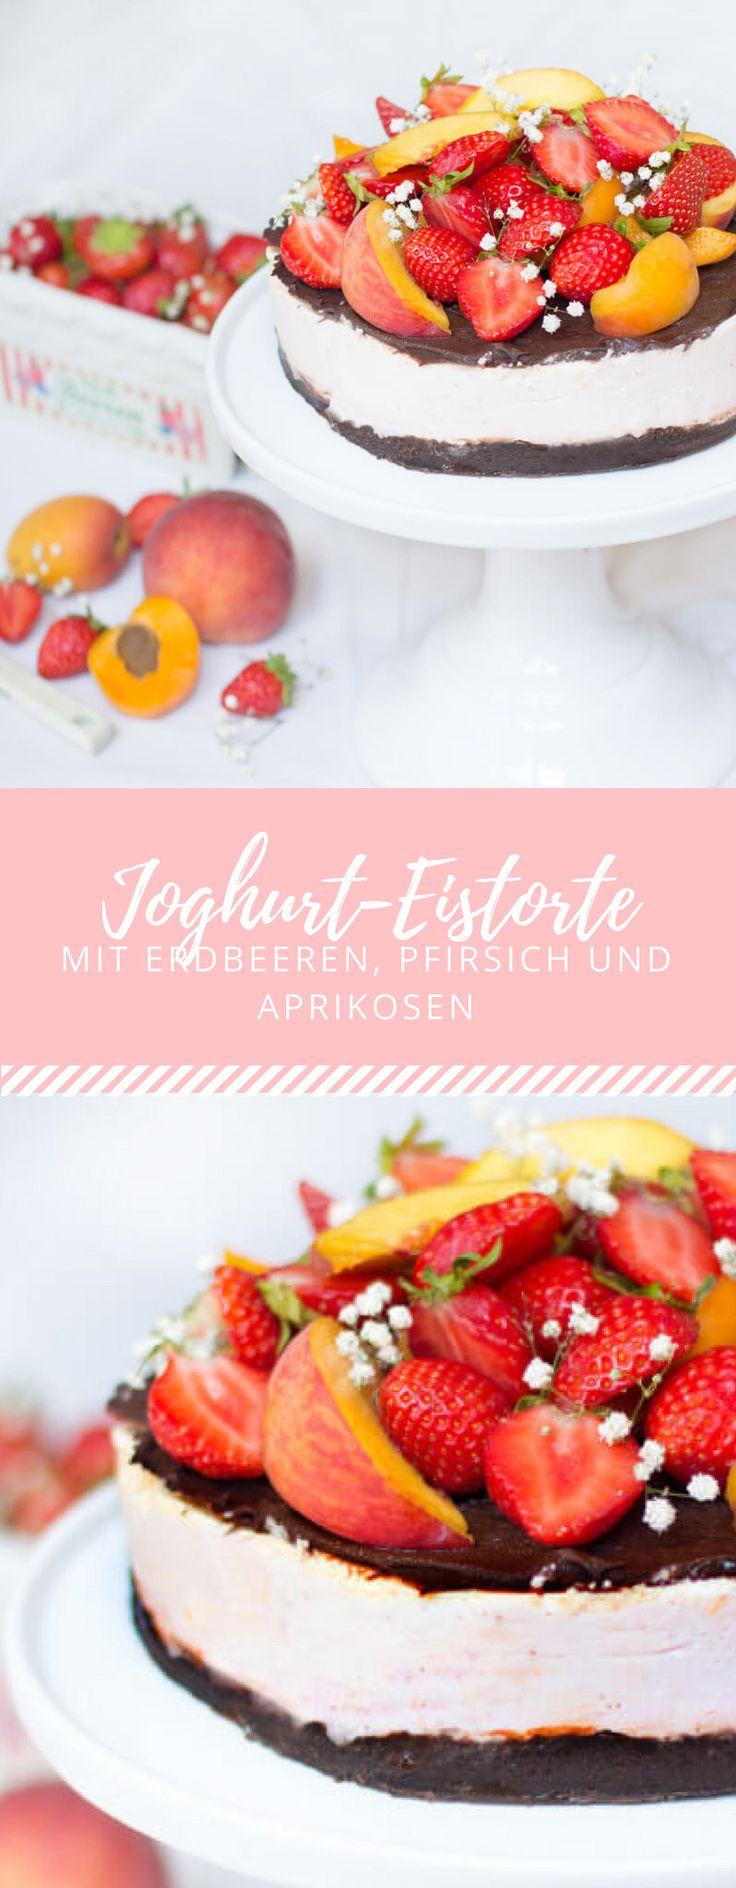 Ein leckeres Rezept für den Sommer ist die eisgekühlte Joghurt-Eistorte mit Früchten wie Erdbeeren, Pfirsich und Aprikosen!